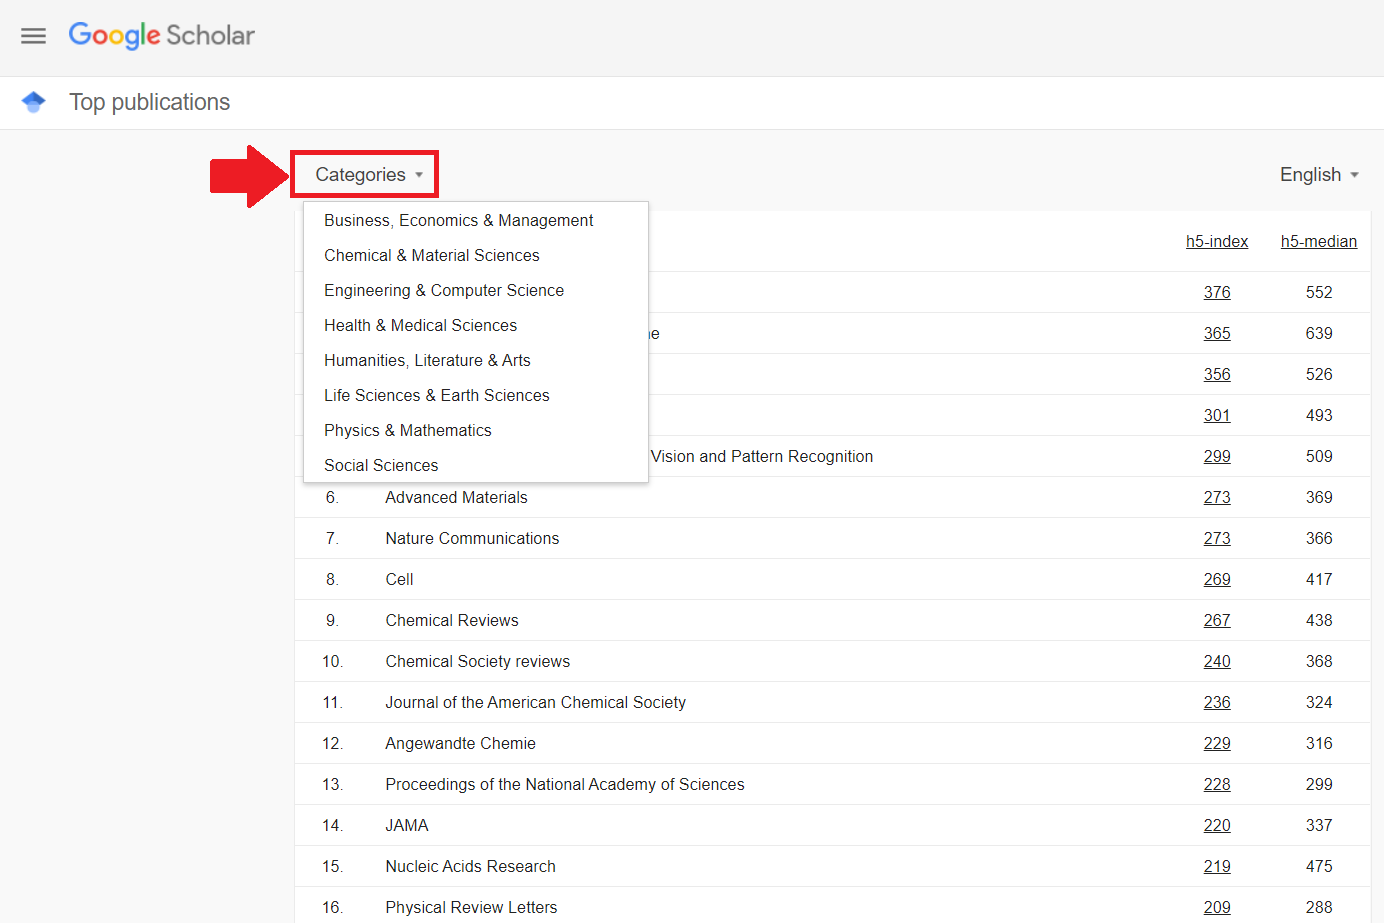 Top publications in Google Scholar Metrics